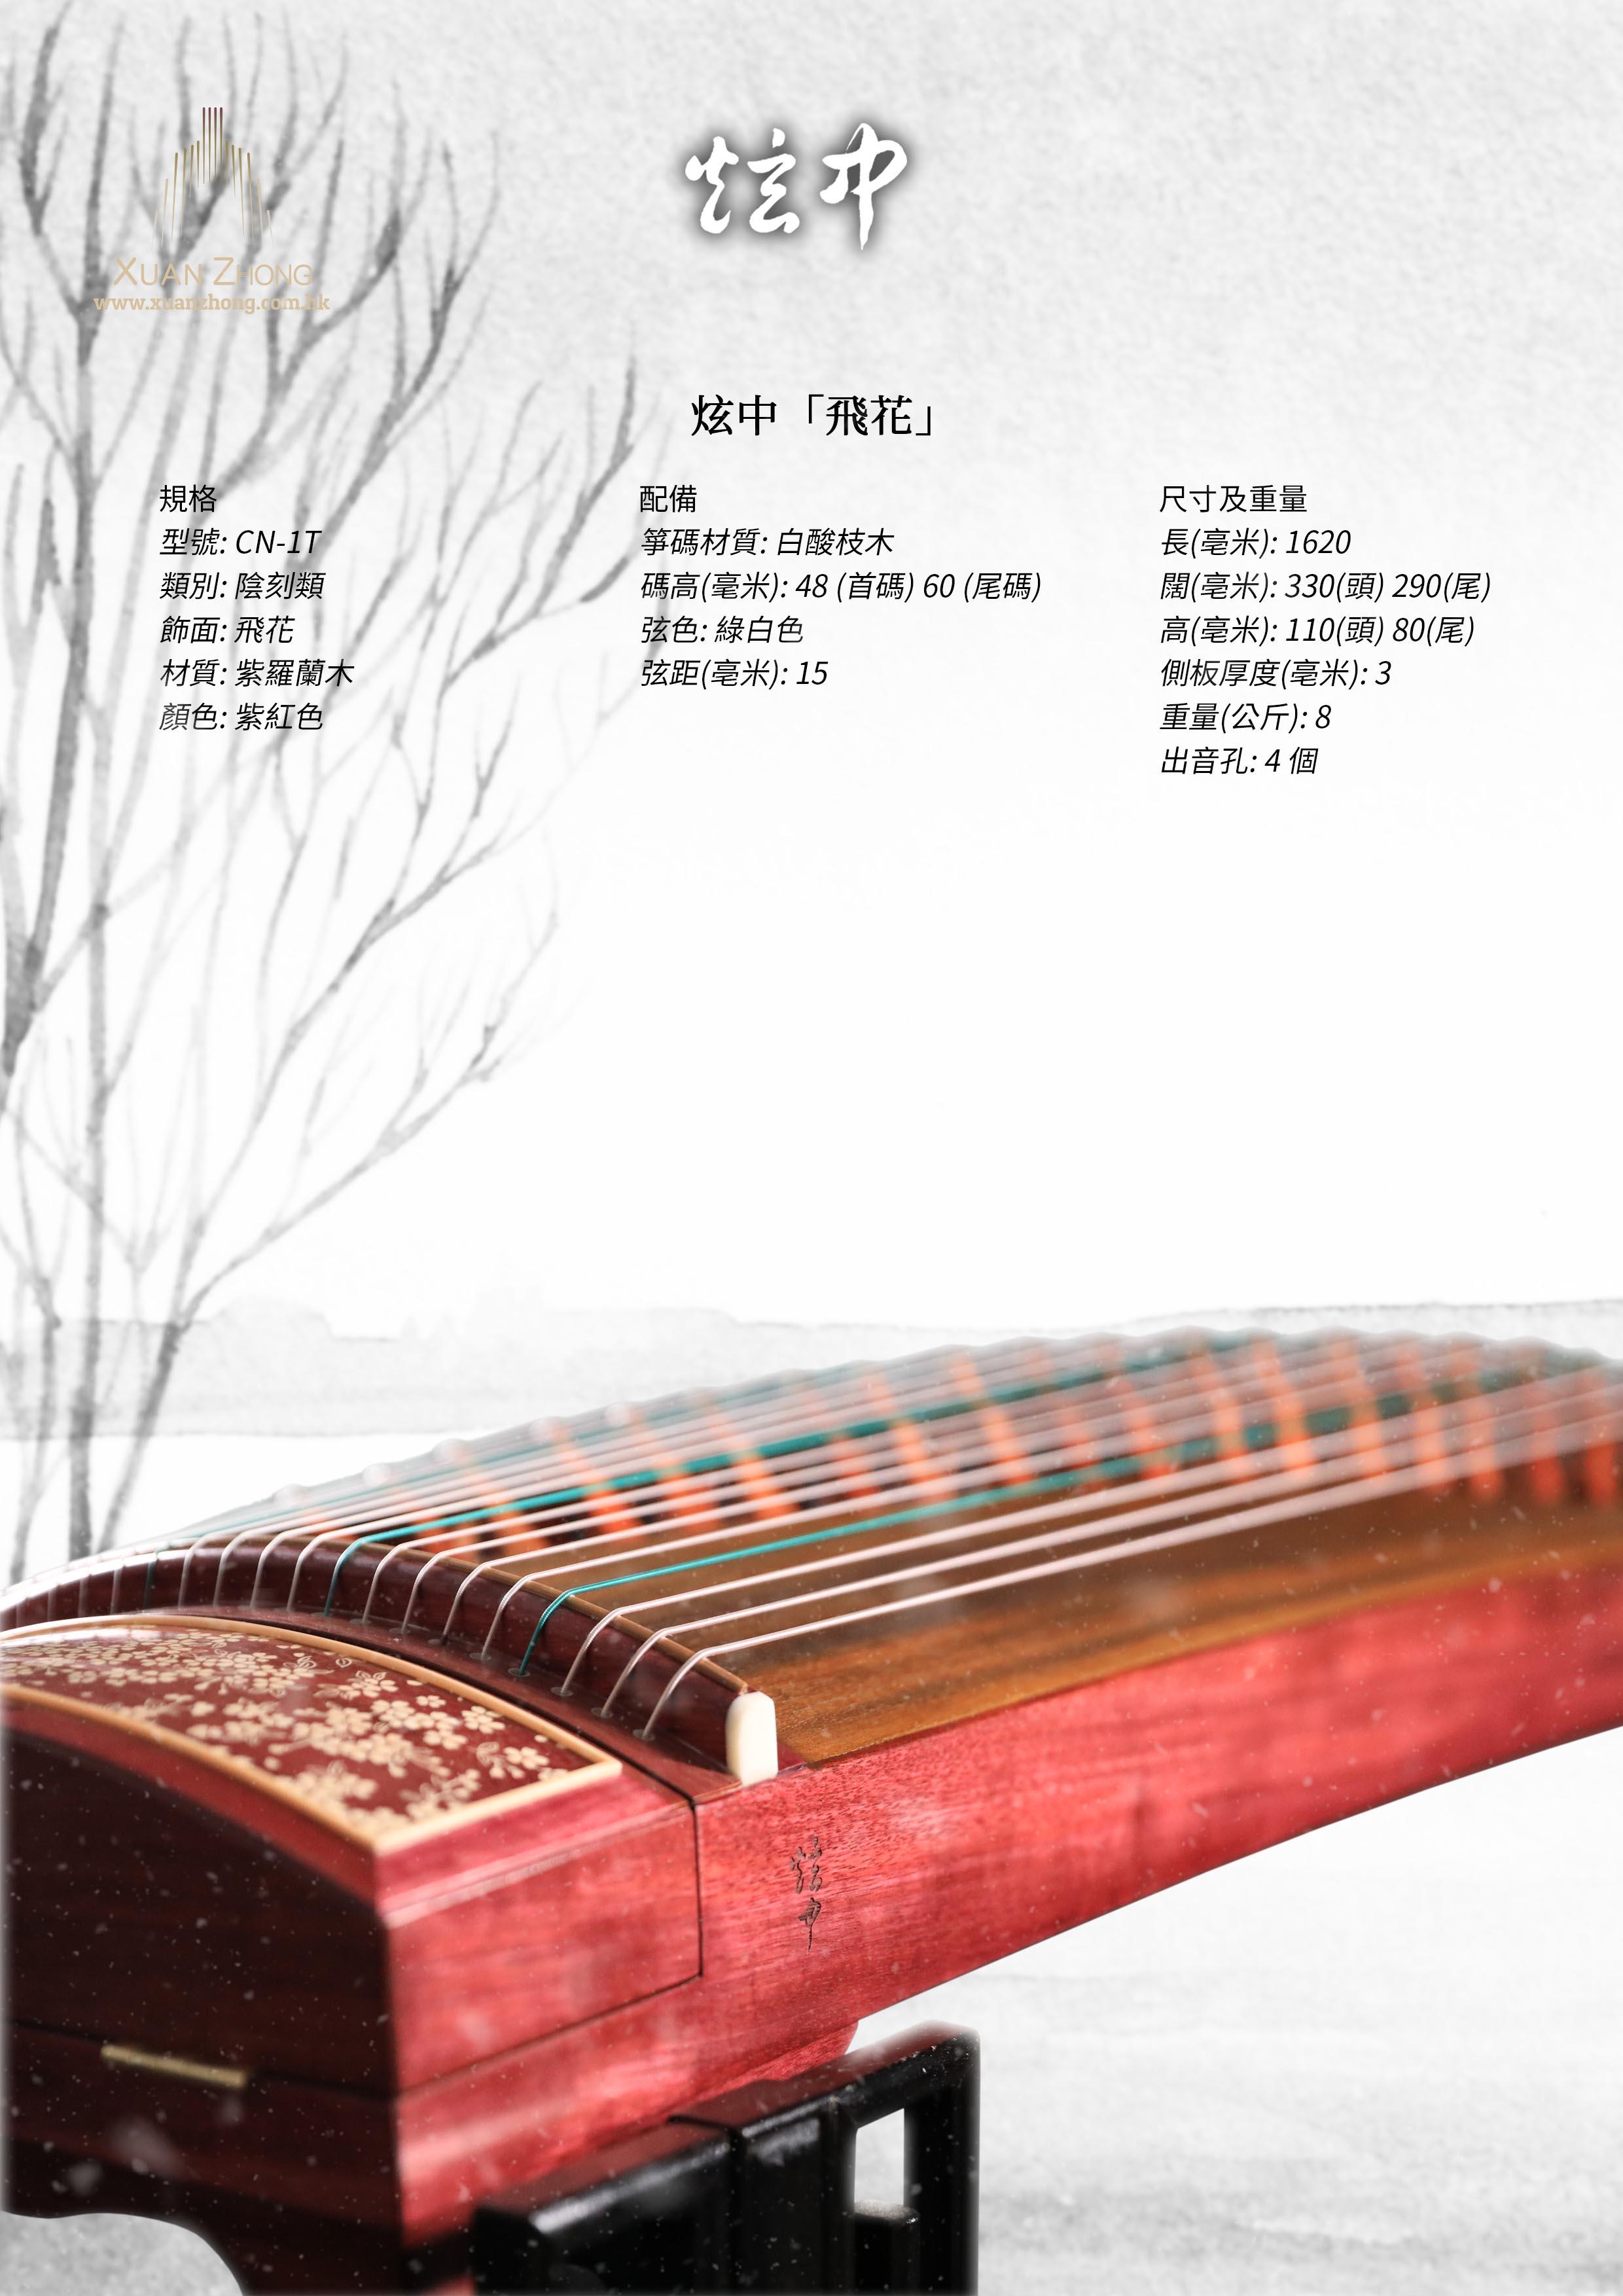 炫中 紫羅蘭木古箏「飛花」